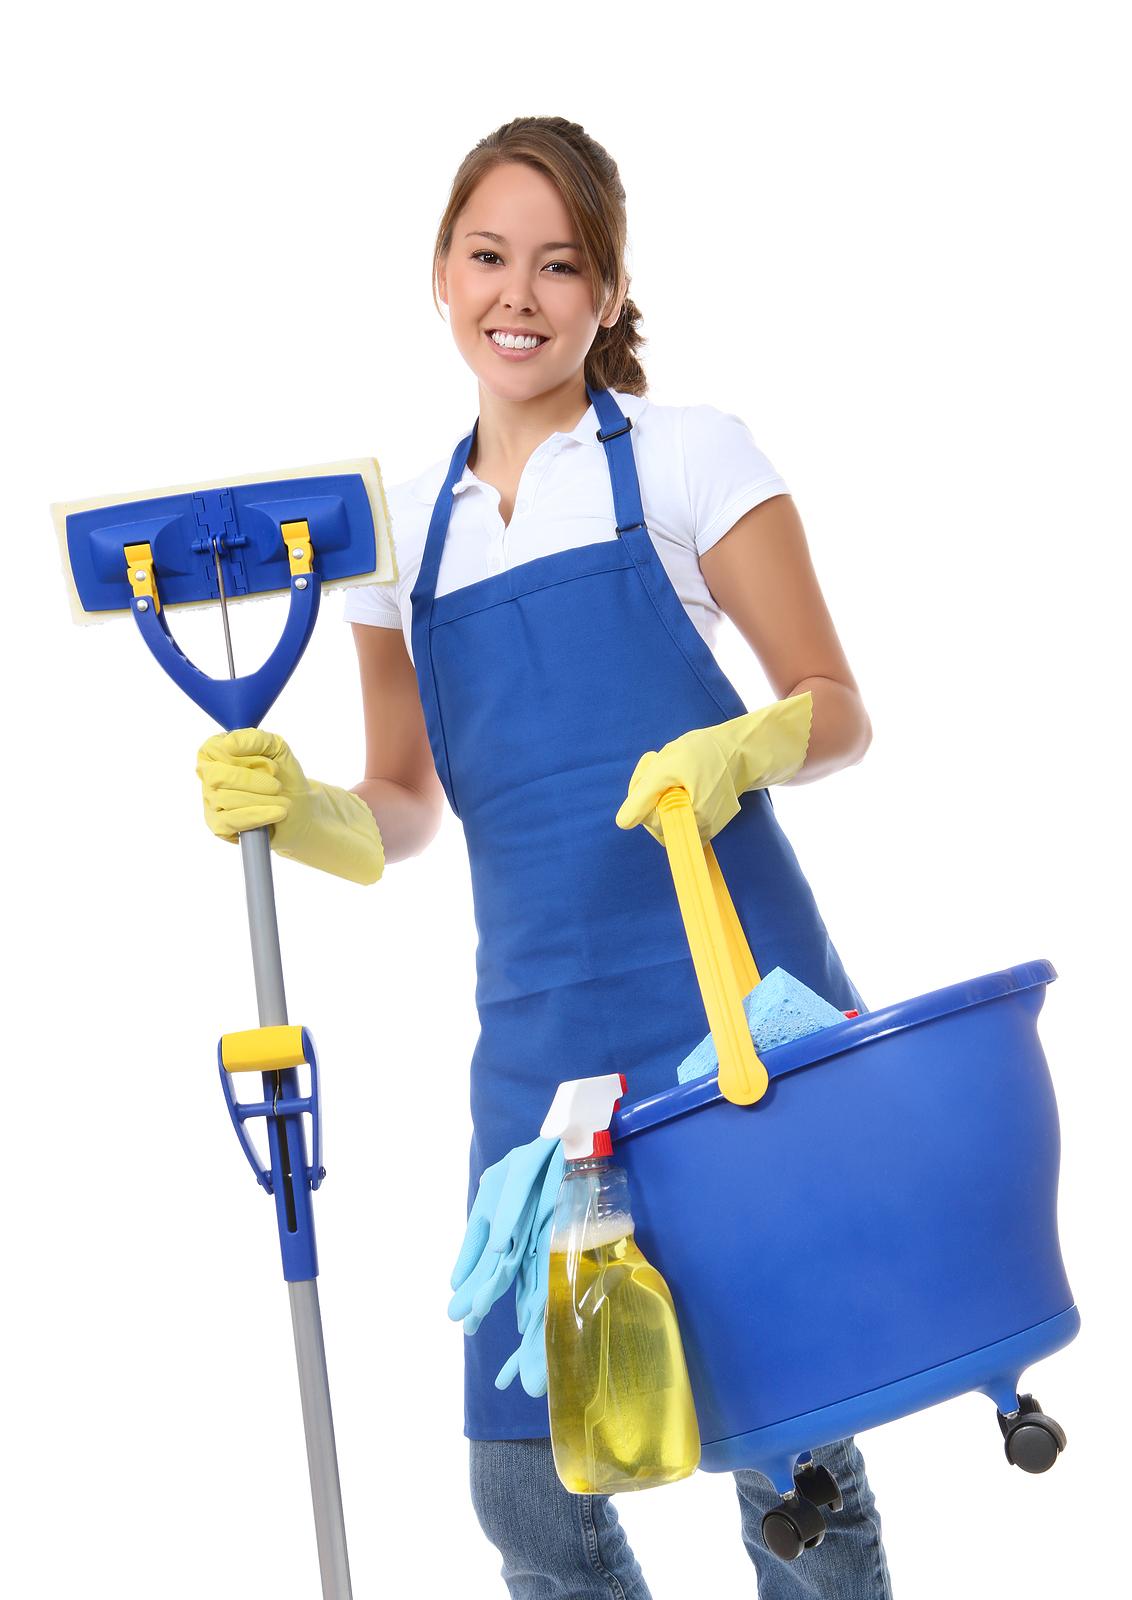 cleaner-in-leeds-with-mop.jpg